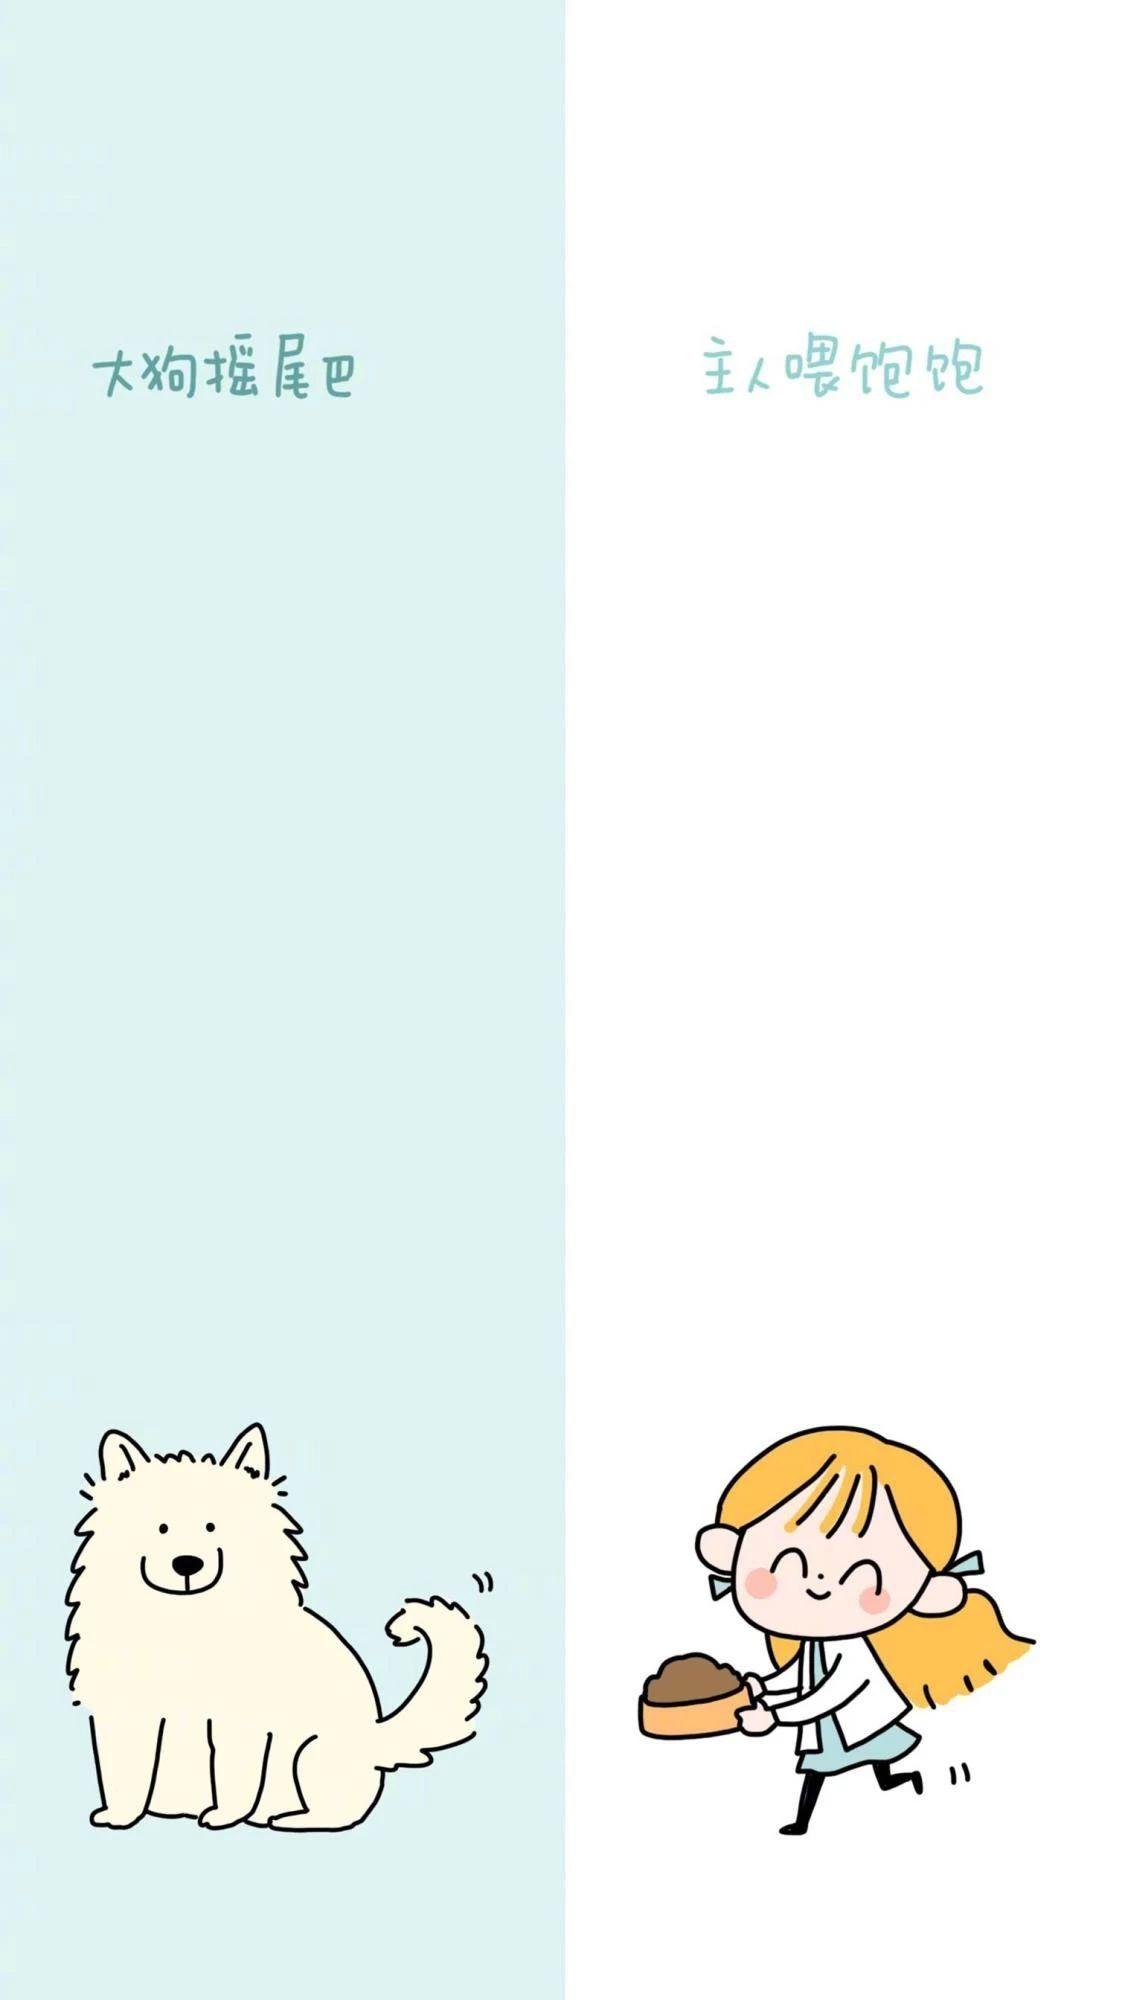 QQ微信聊天背景图:发财和发朋友圈,你总要发一个吧!插图17